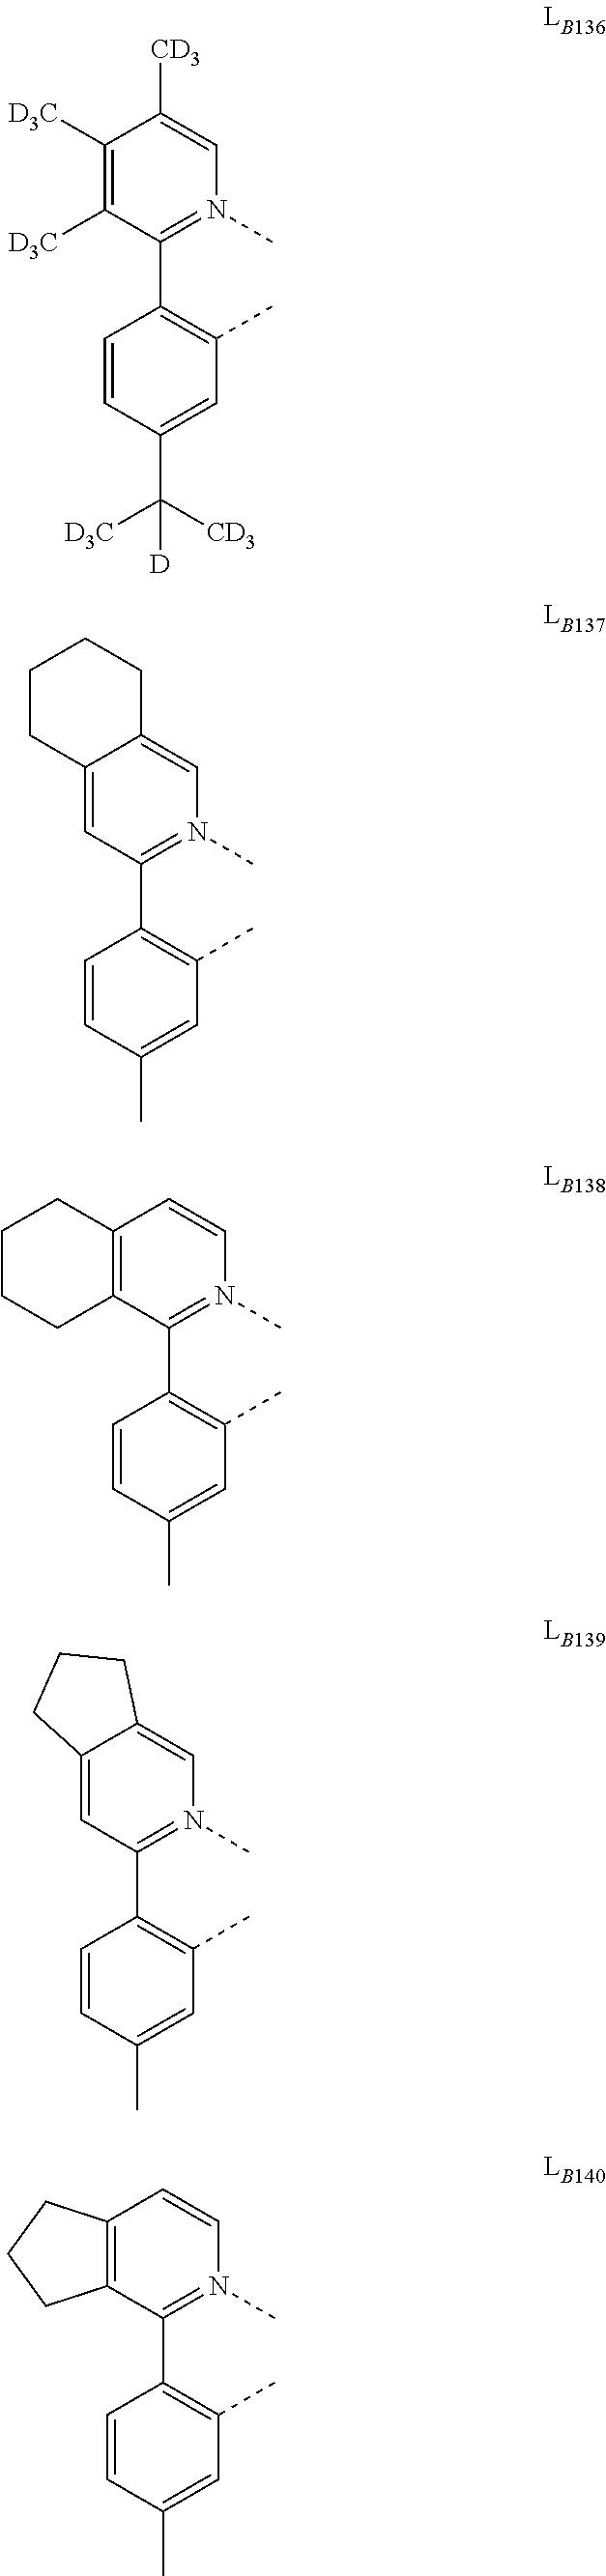 Figure US20180130962A1-20180510-C00093